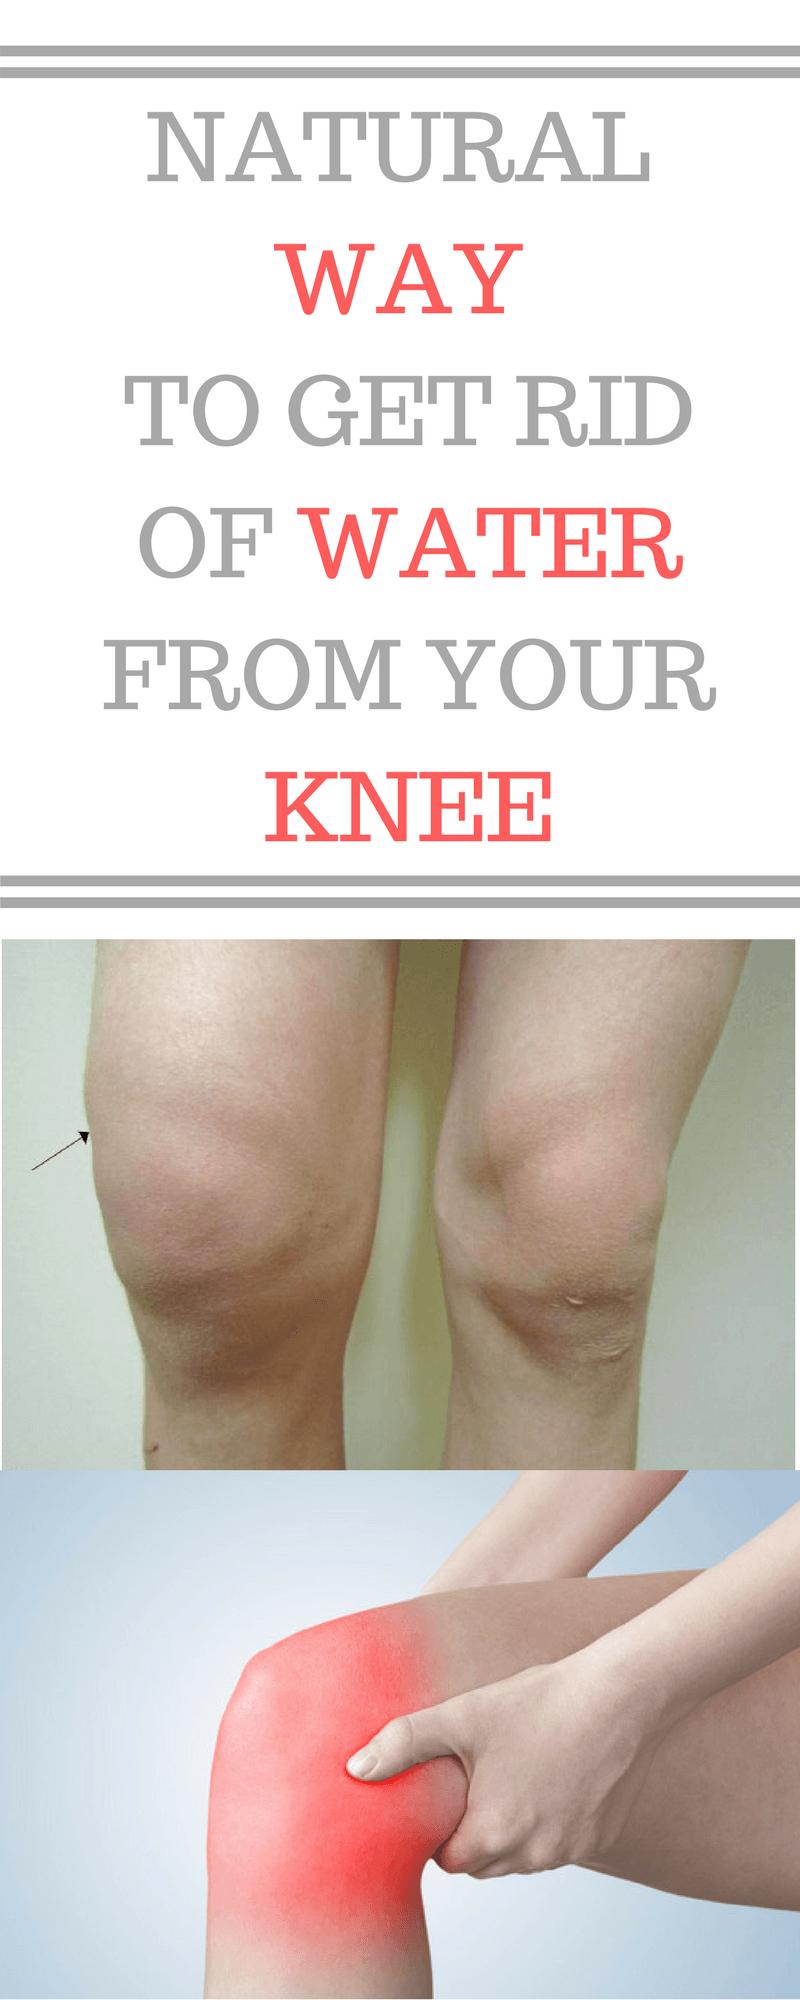 99ba3063ca466e3b764187f7212f41e1 - How To Get Rid Of Swelling And Fluid In Knee